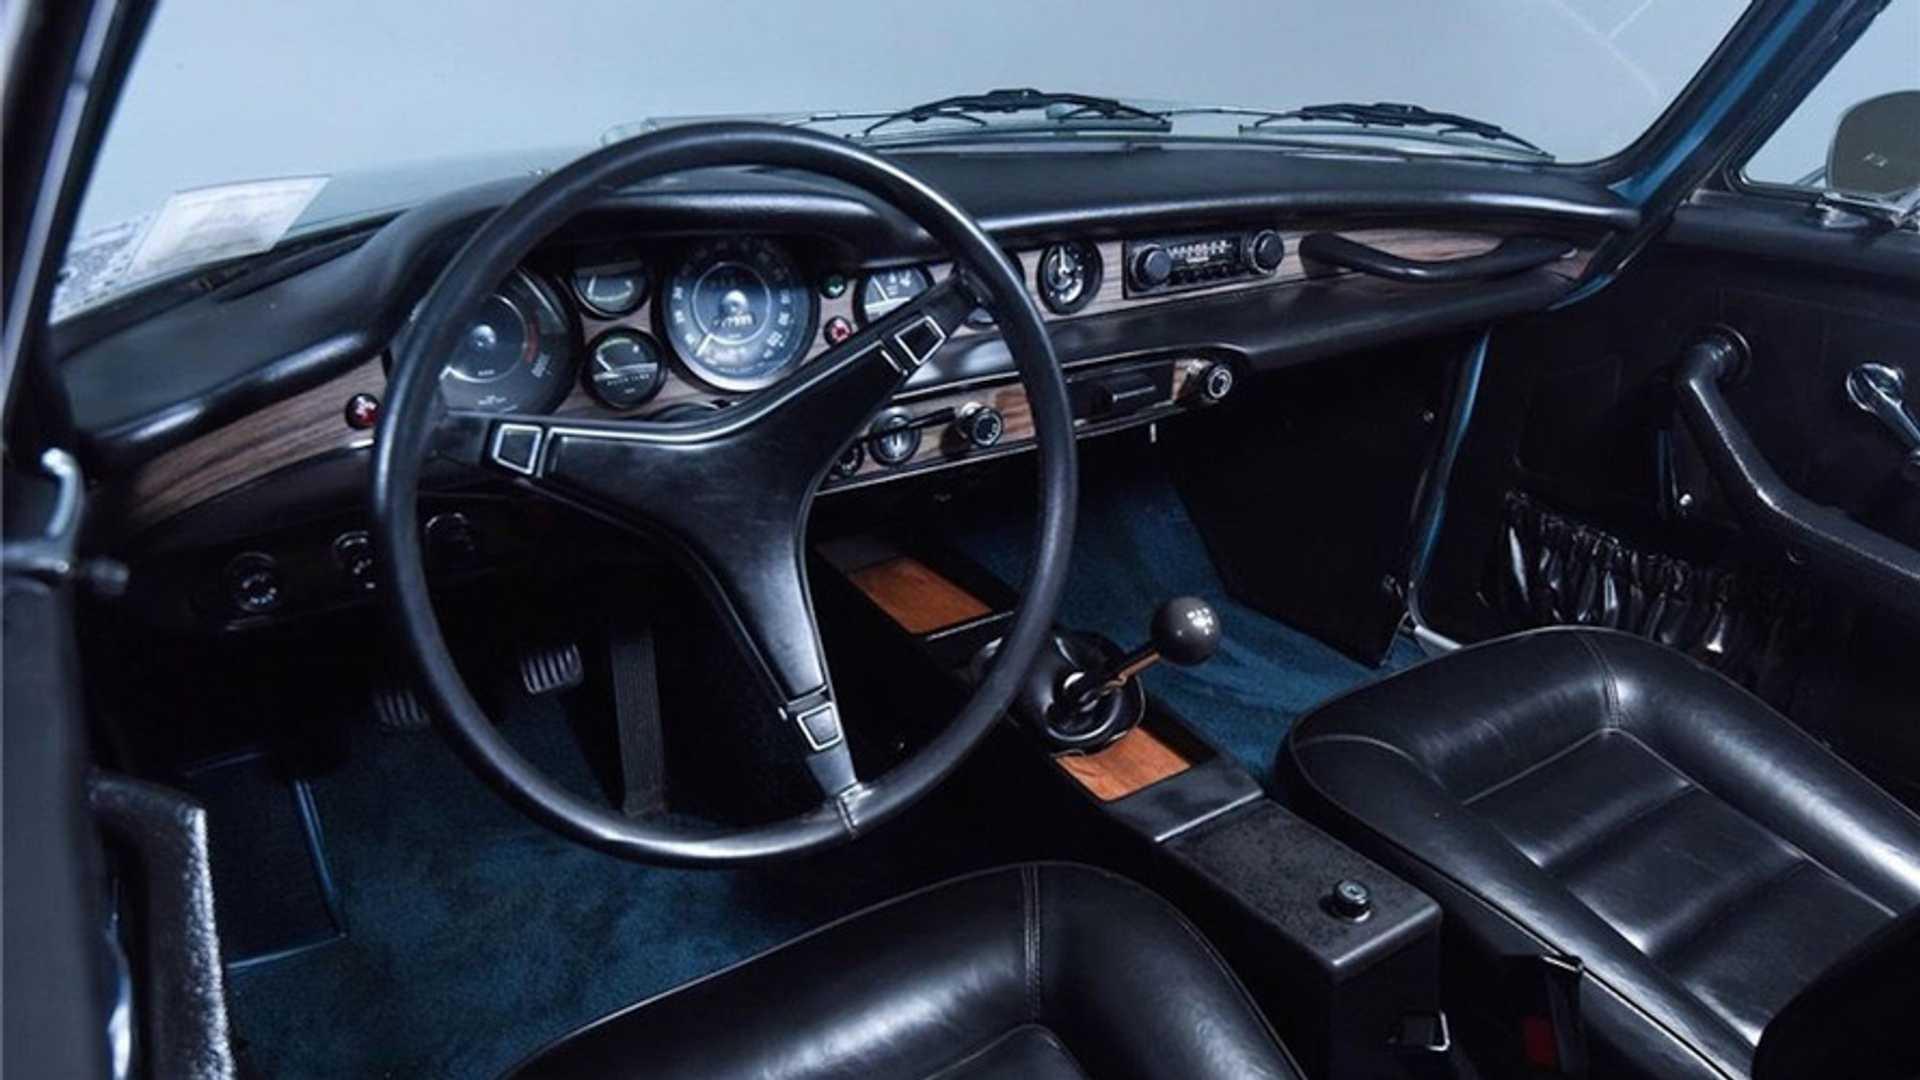 Volvo 1800 es wagon